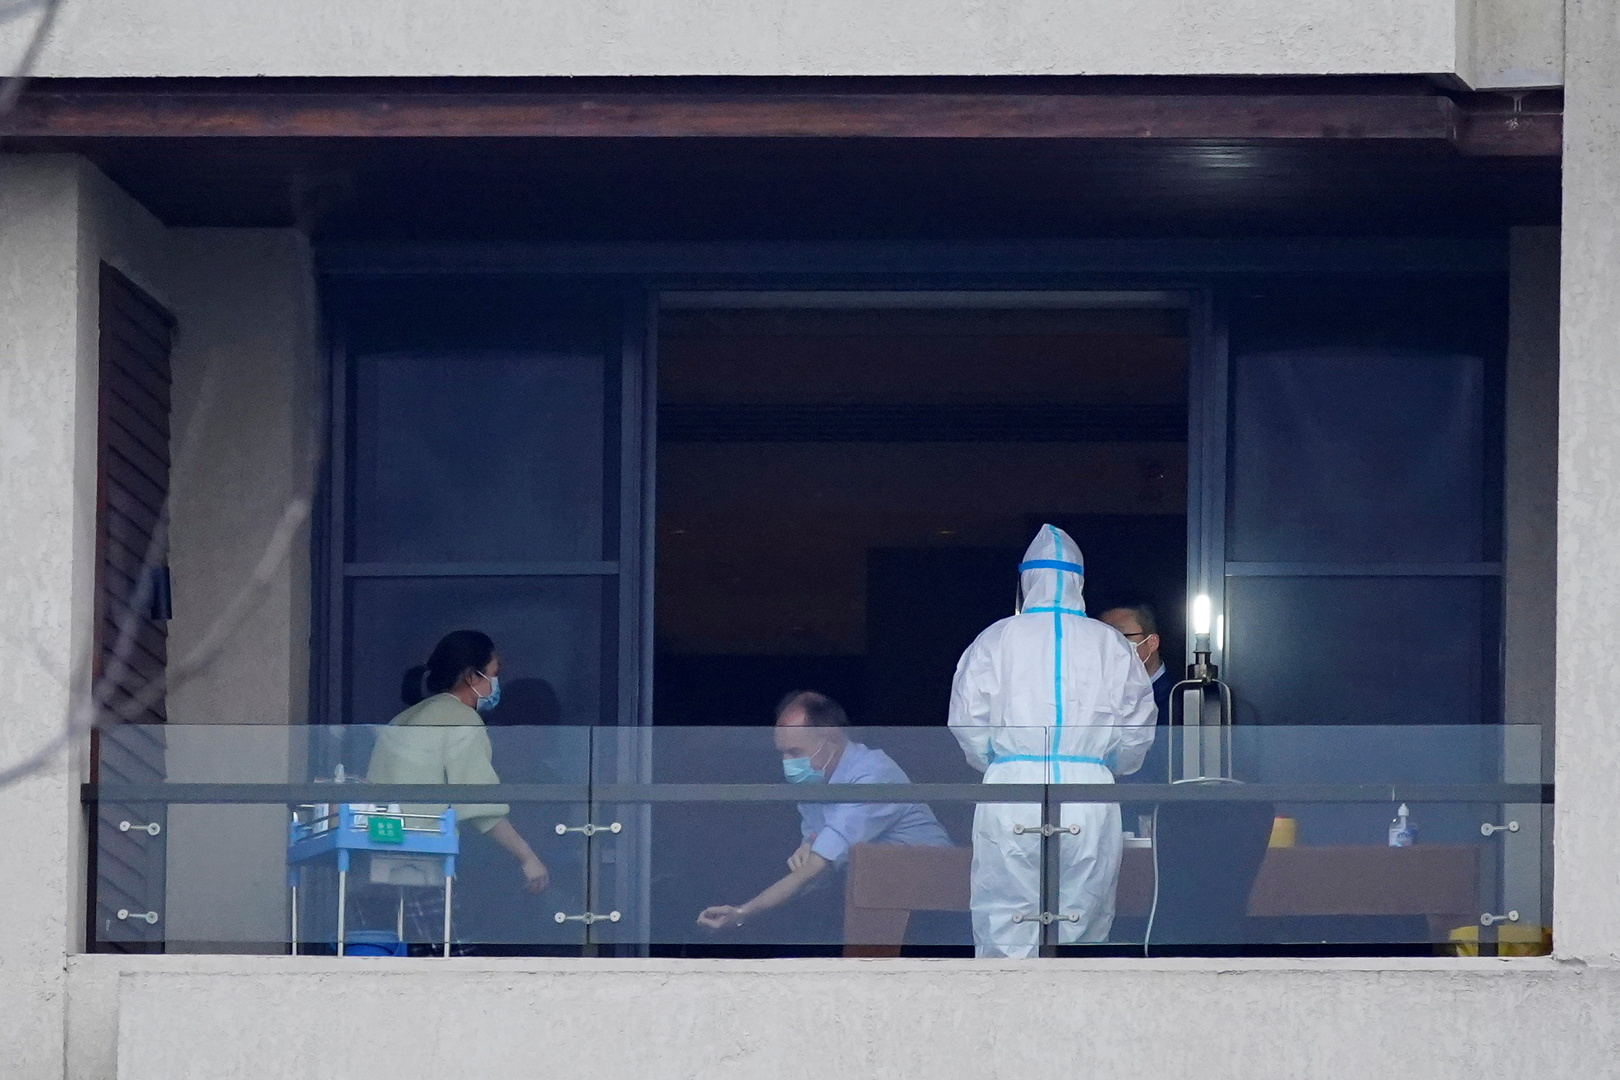 تصريح لخبراء منظمة الصحة العالمية حول منشأ الوباء